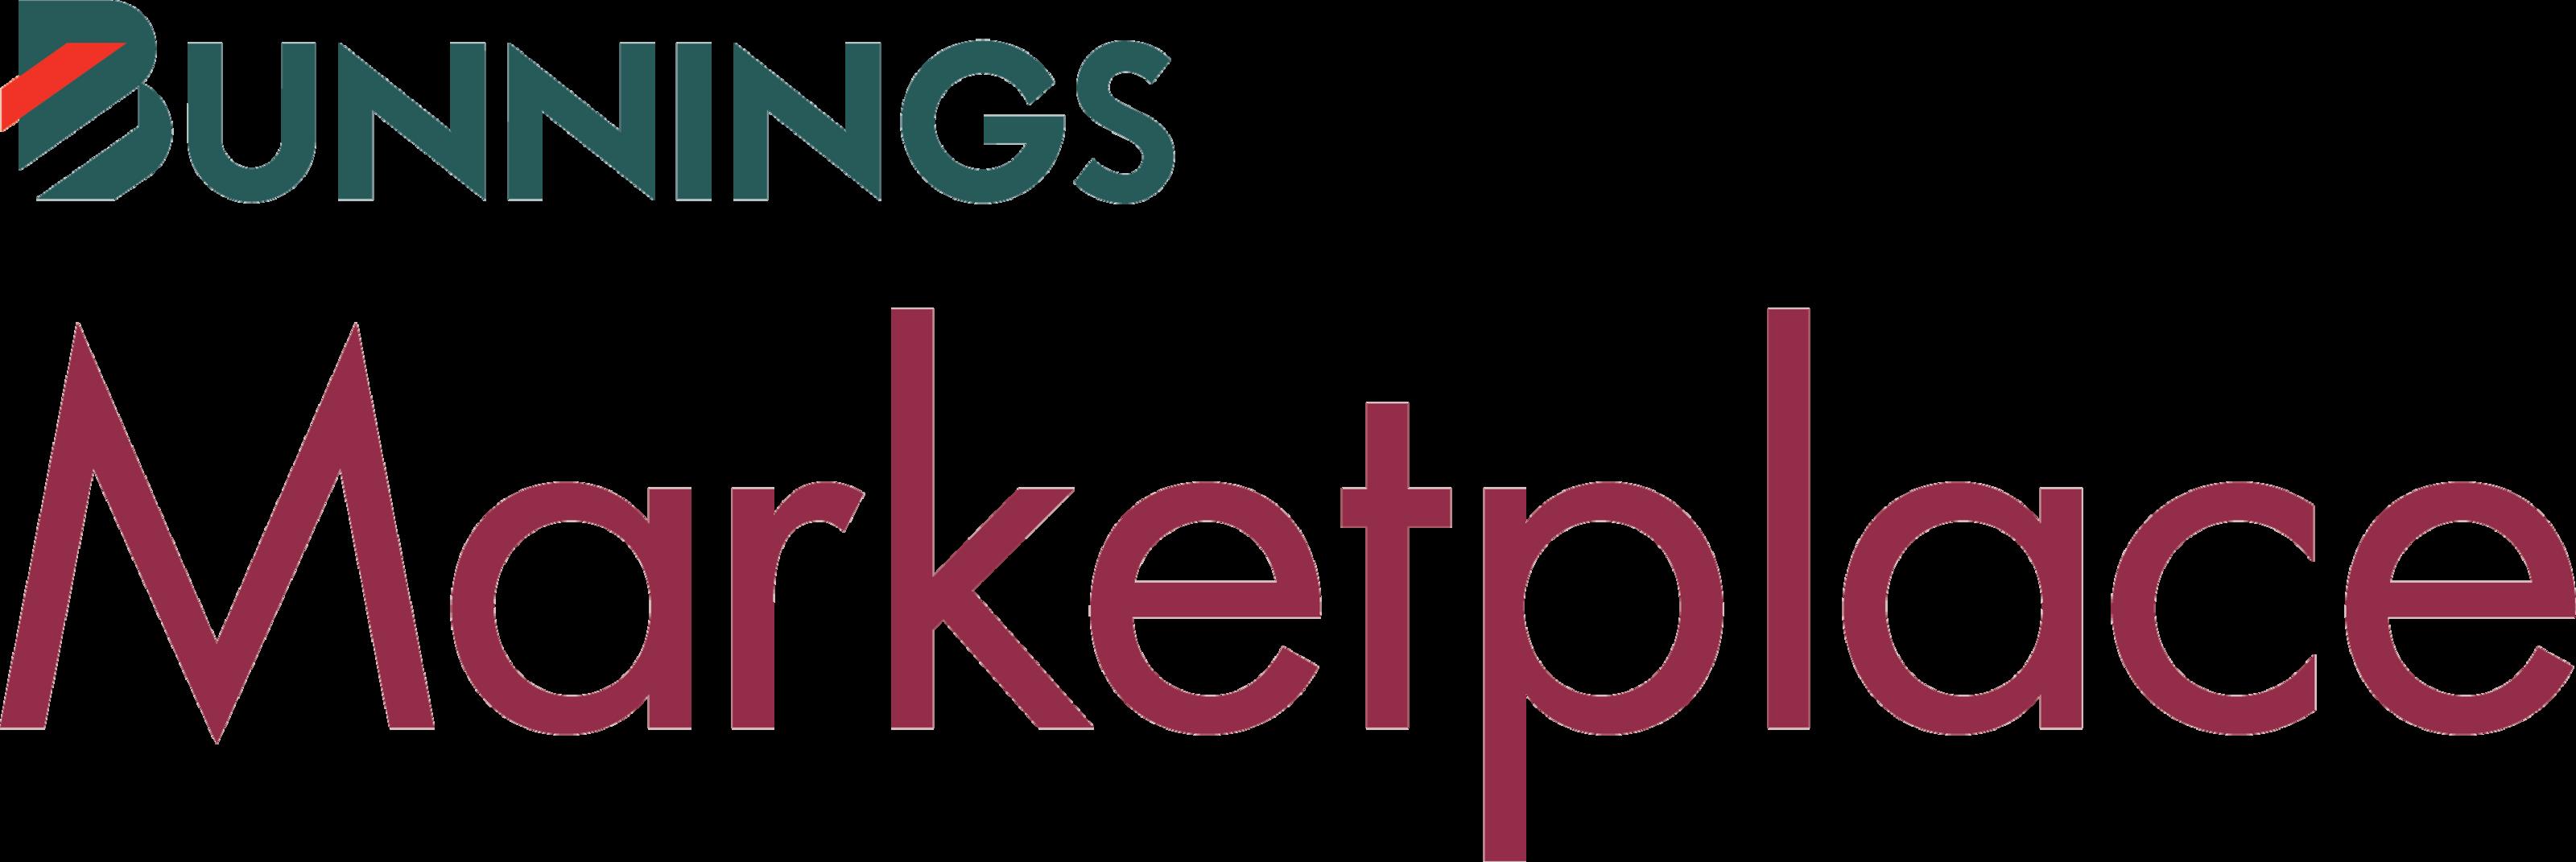 Bunnings MarketLink logo